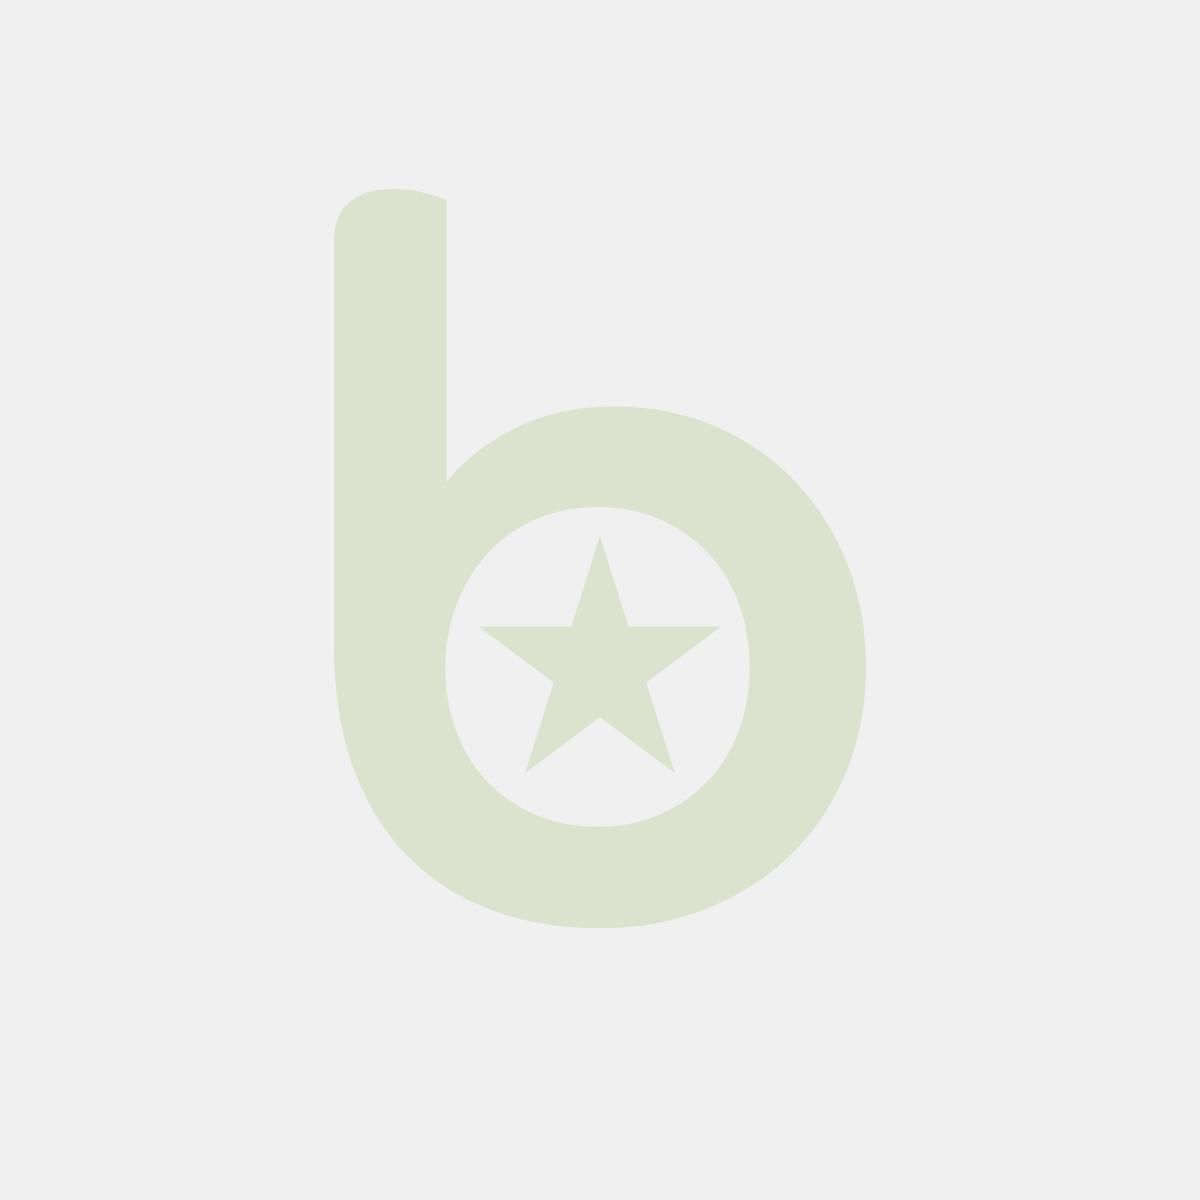 Bieżnik PAPSTAR ROYAL Collection Adele z PV-Tissue Mix przypominającej tkaninę,w rolce 24m/40cm żółty, bibuła